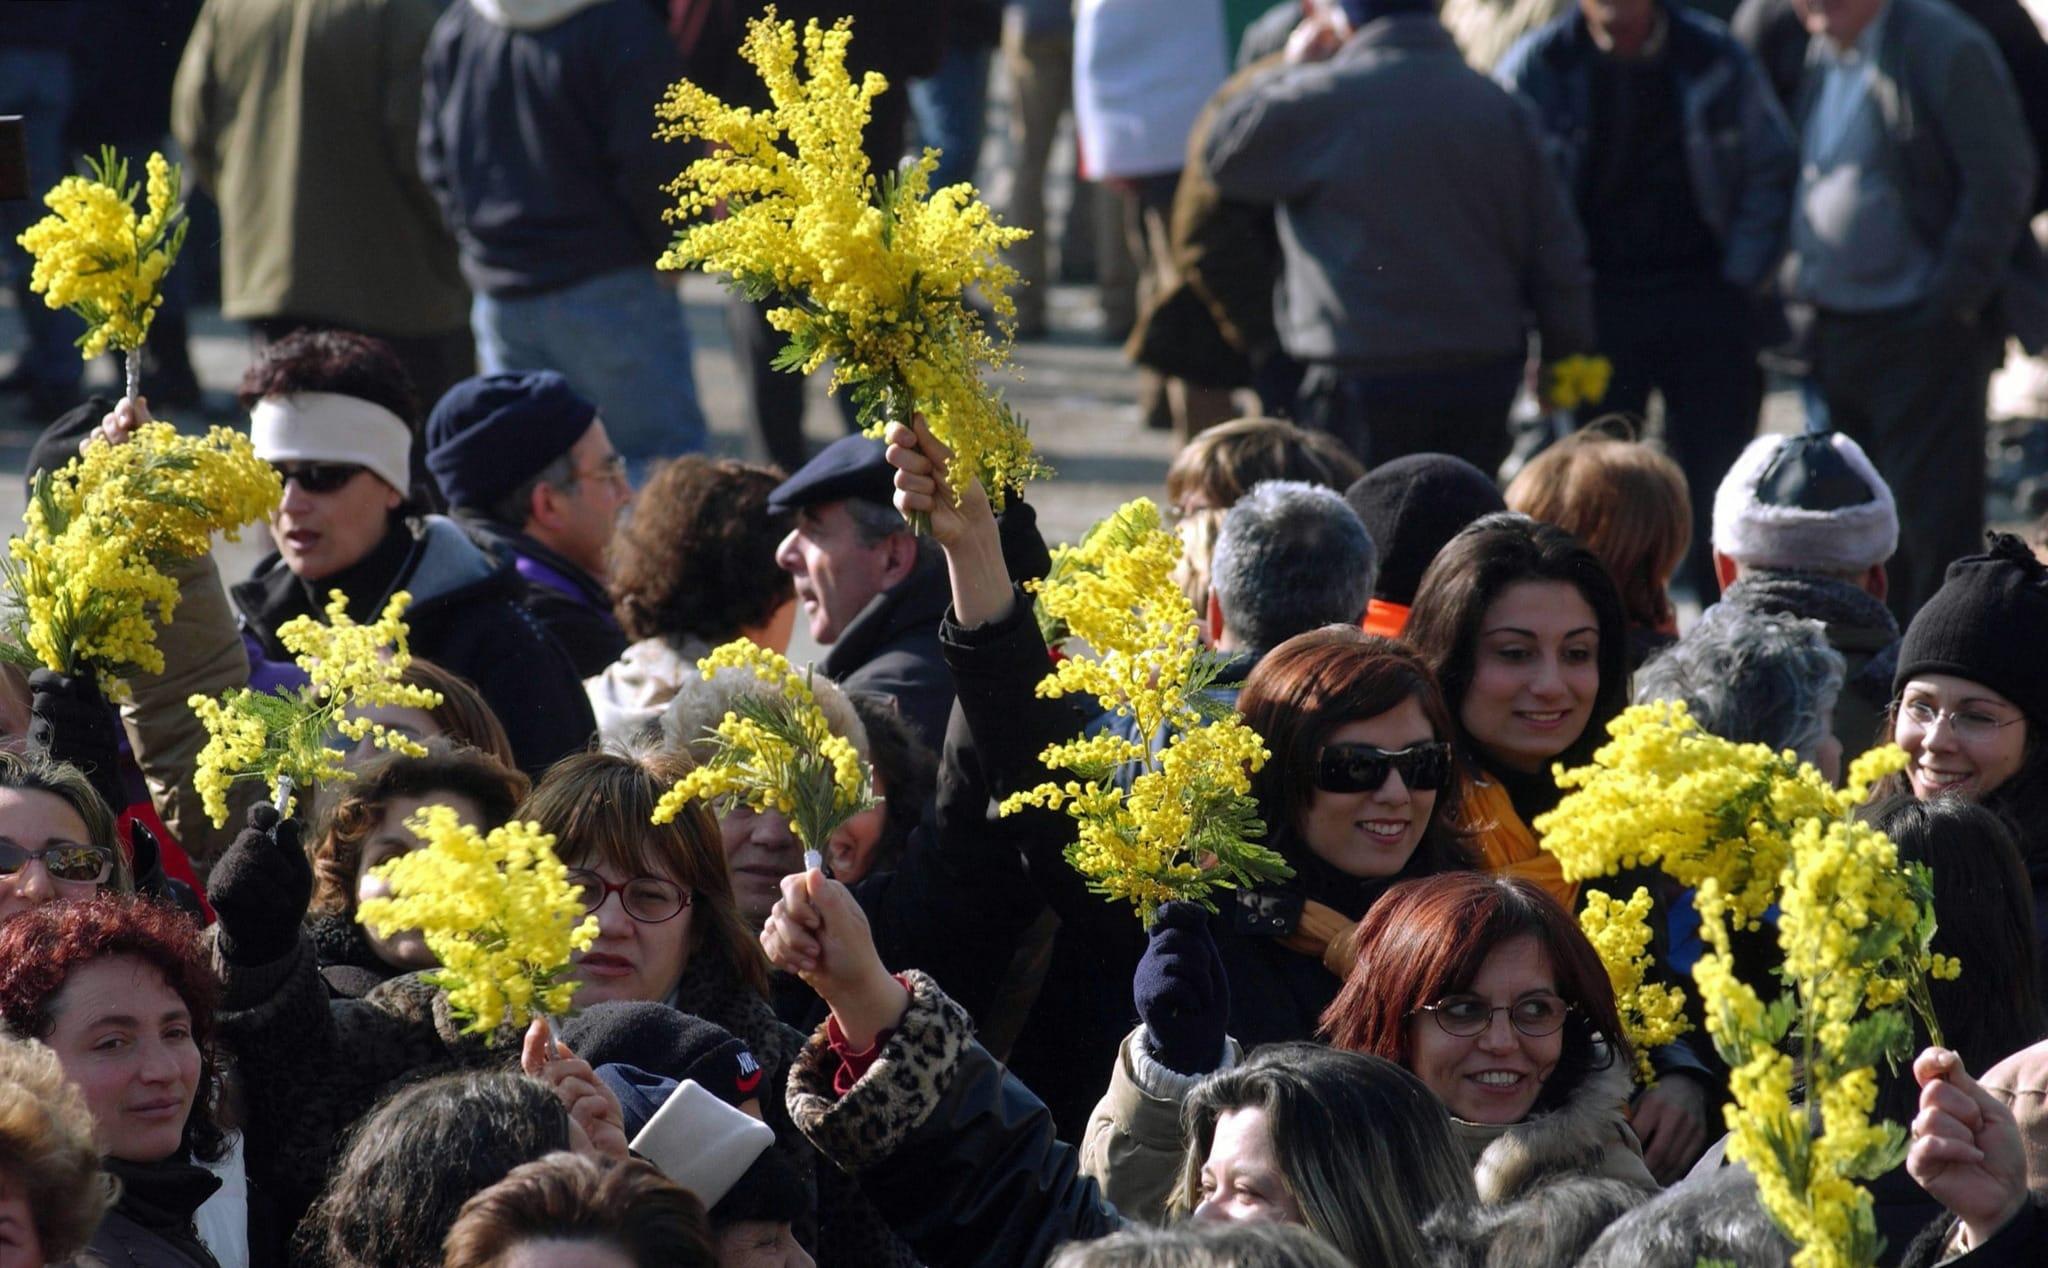 La visita a Staglieno e la musica techno, a Genova un 8 marzo che dura un mese